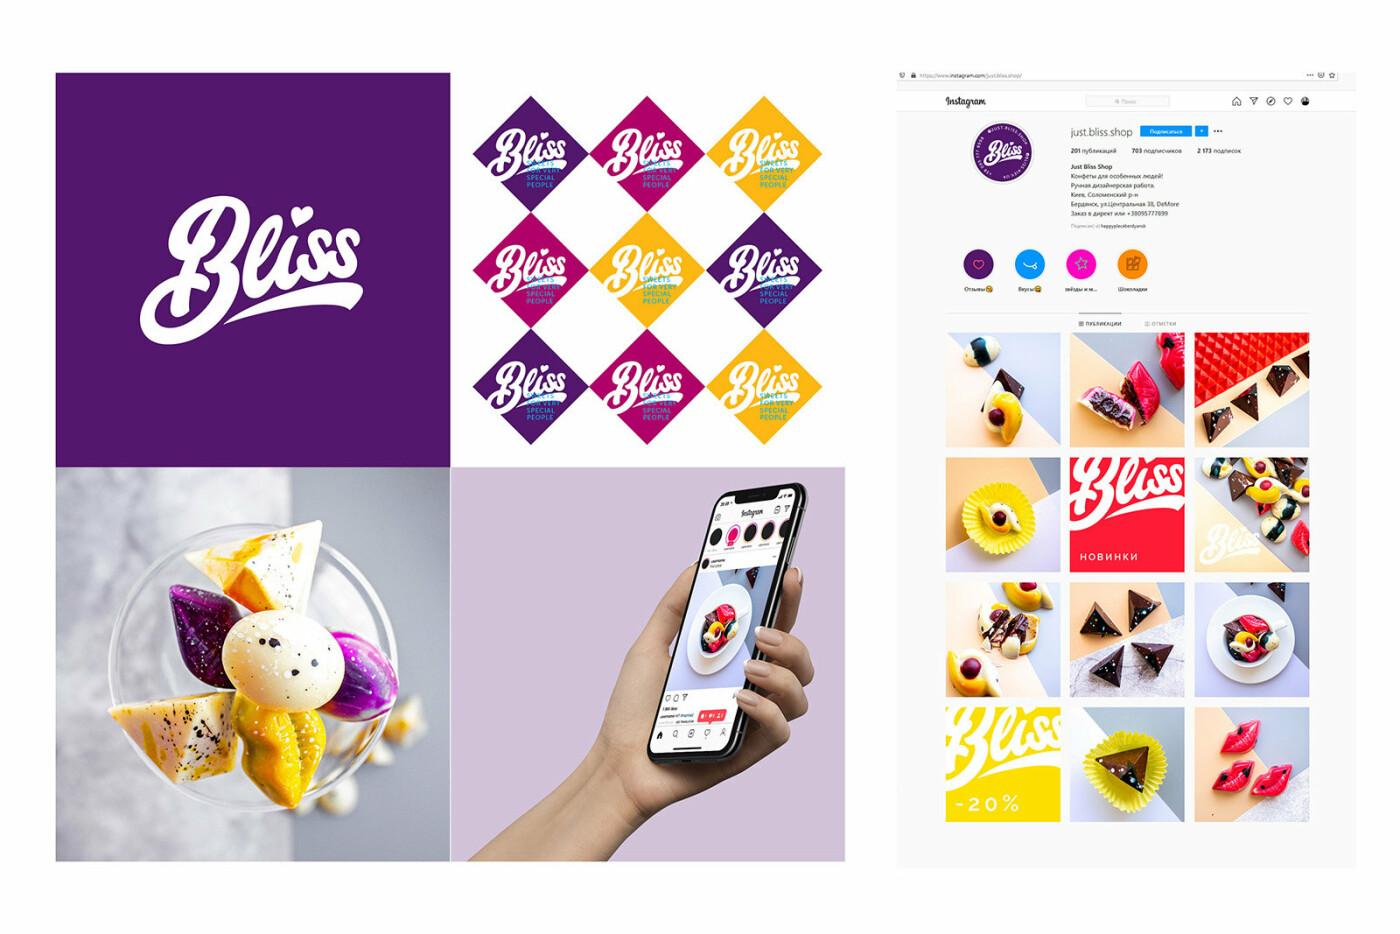 Наталья Белоусова: «Дизайн — это работа без границ», фото-12, Оформление Instagram